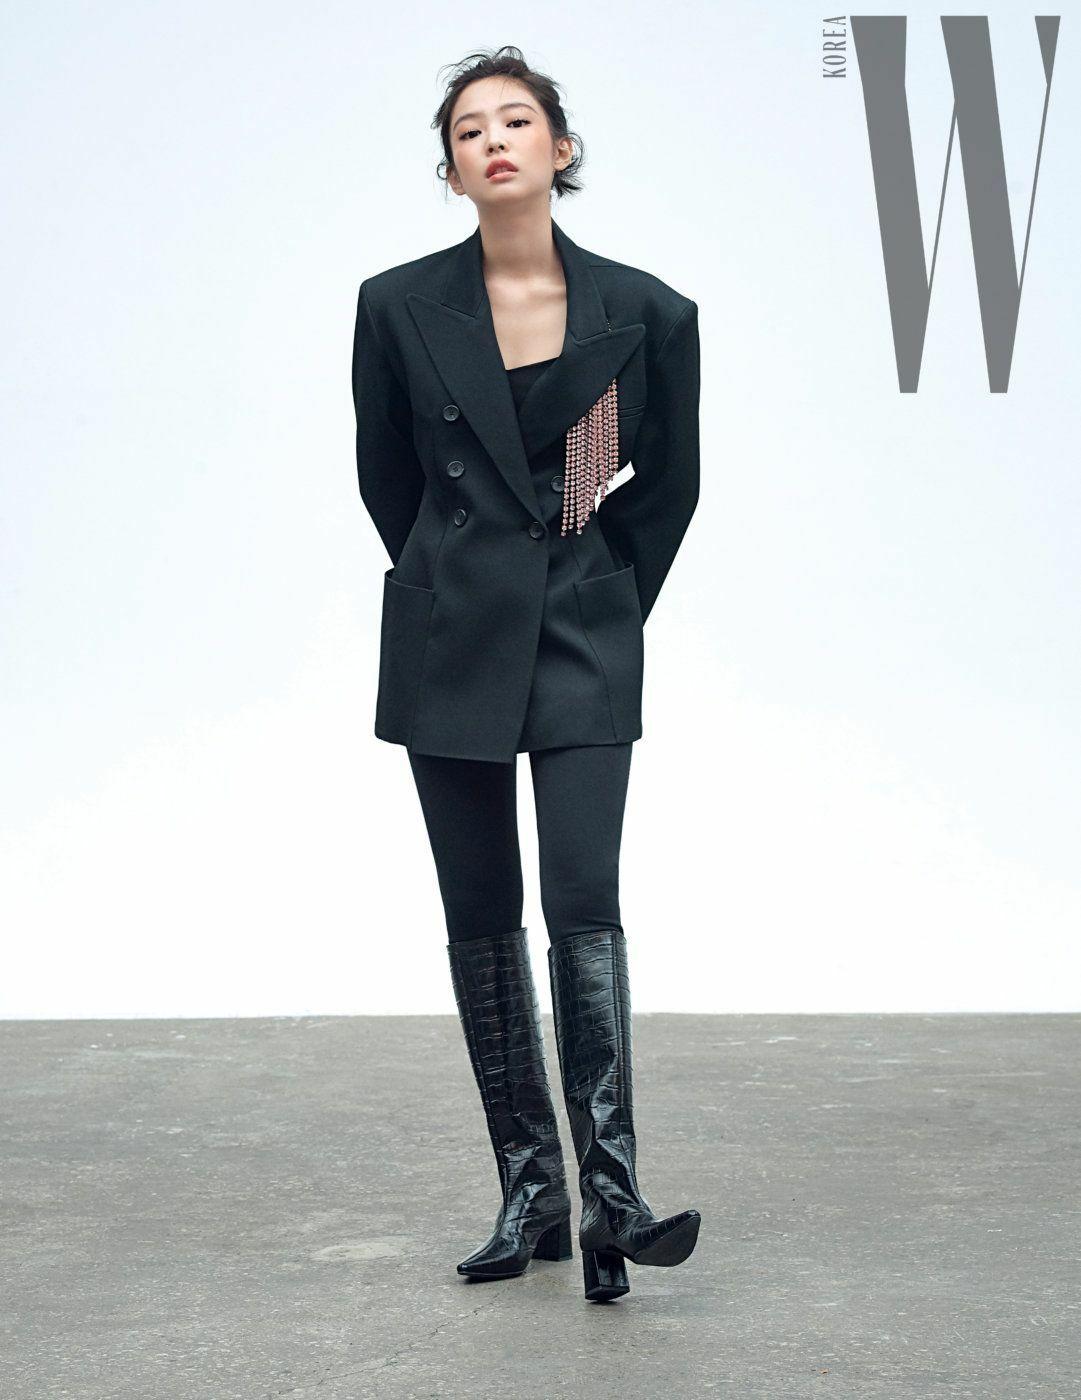 Xuất hiện trên tạp chí W Korea, Jennie (Black Pink) đầy mạnh mẽ khi diện blazer của Christopher Kane kết hợp boots da cổ cao.